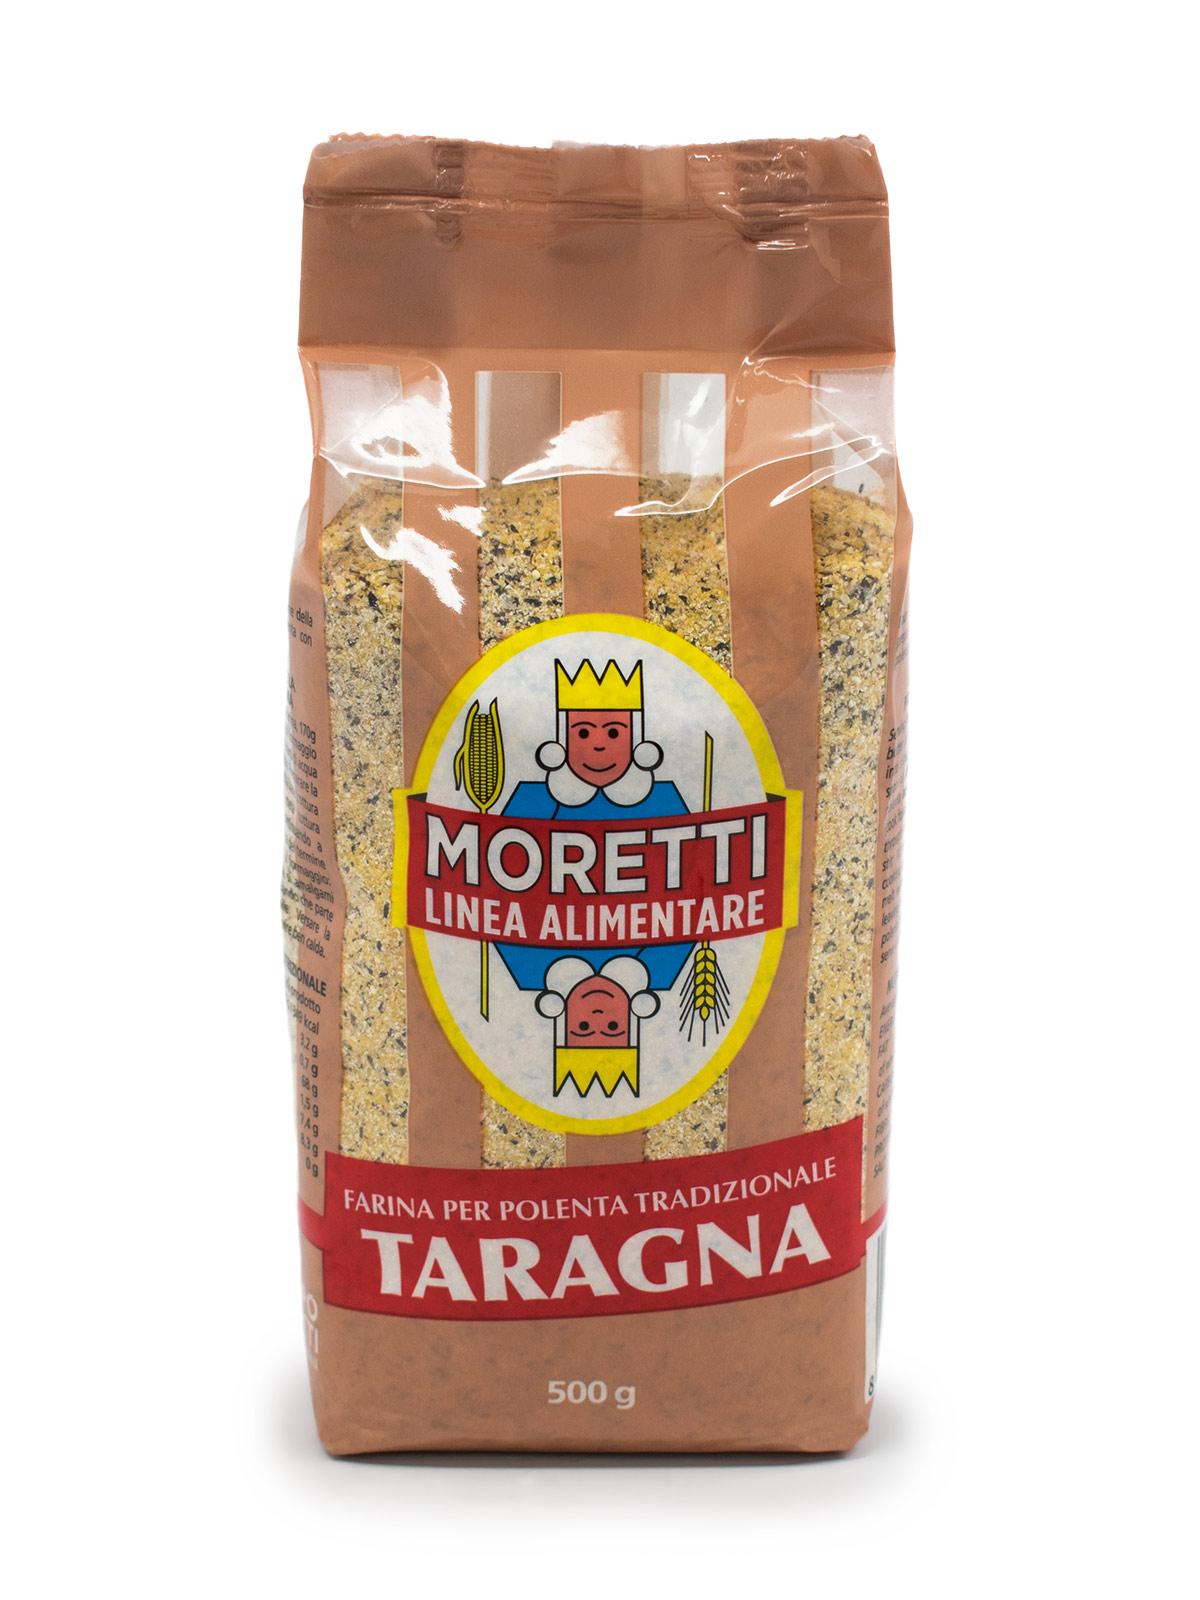 Moretti Taragna Polenta - Pastas, Rice, and Grains - Buon'Italia